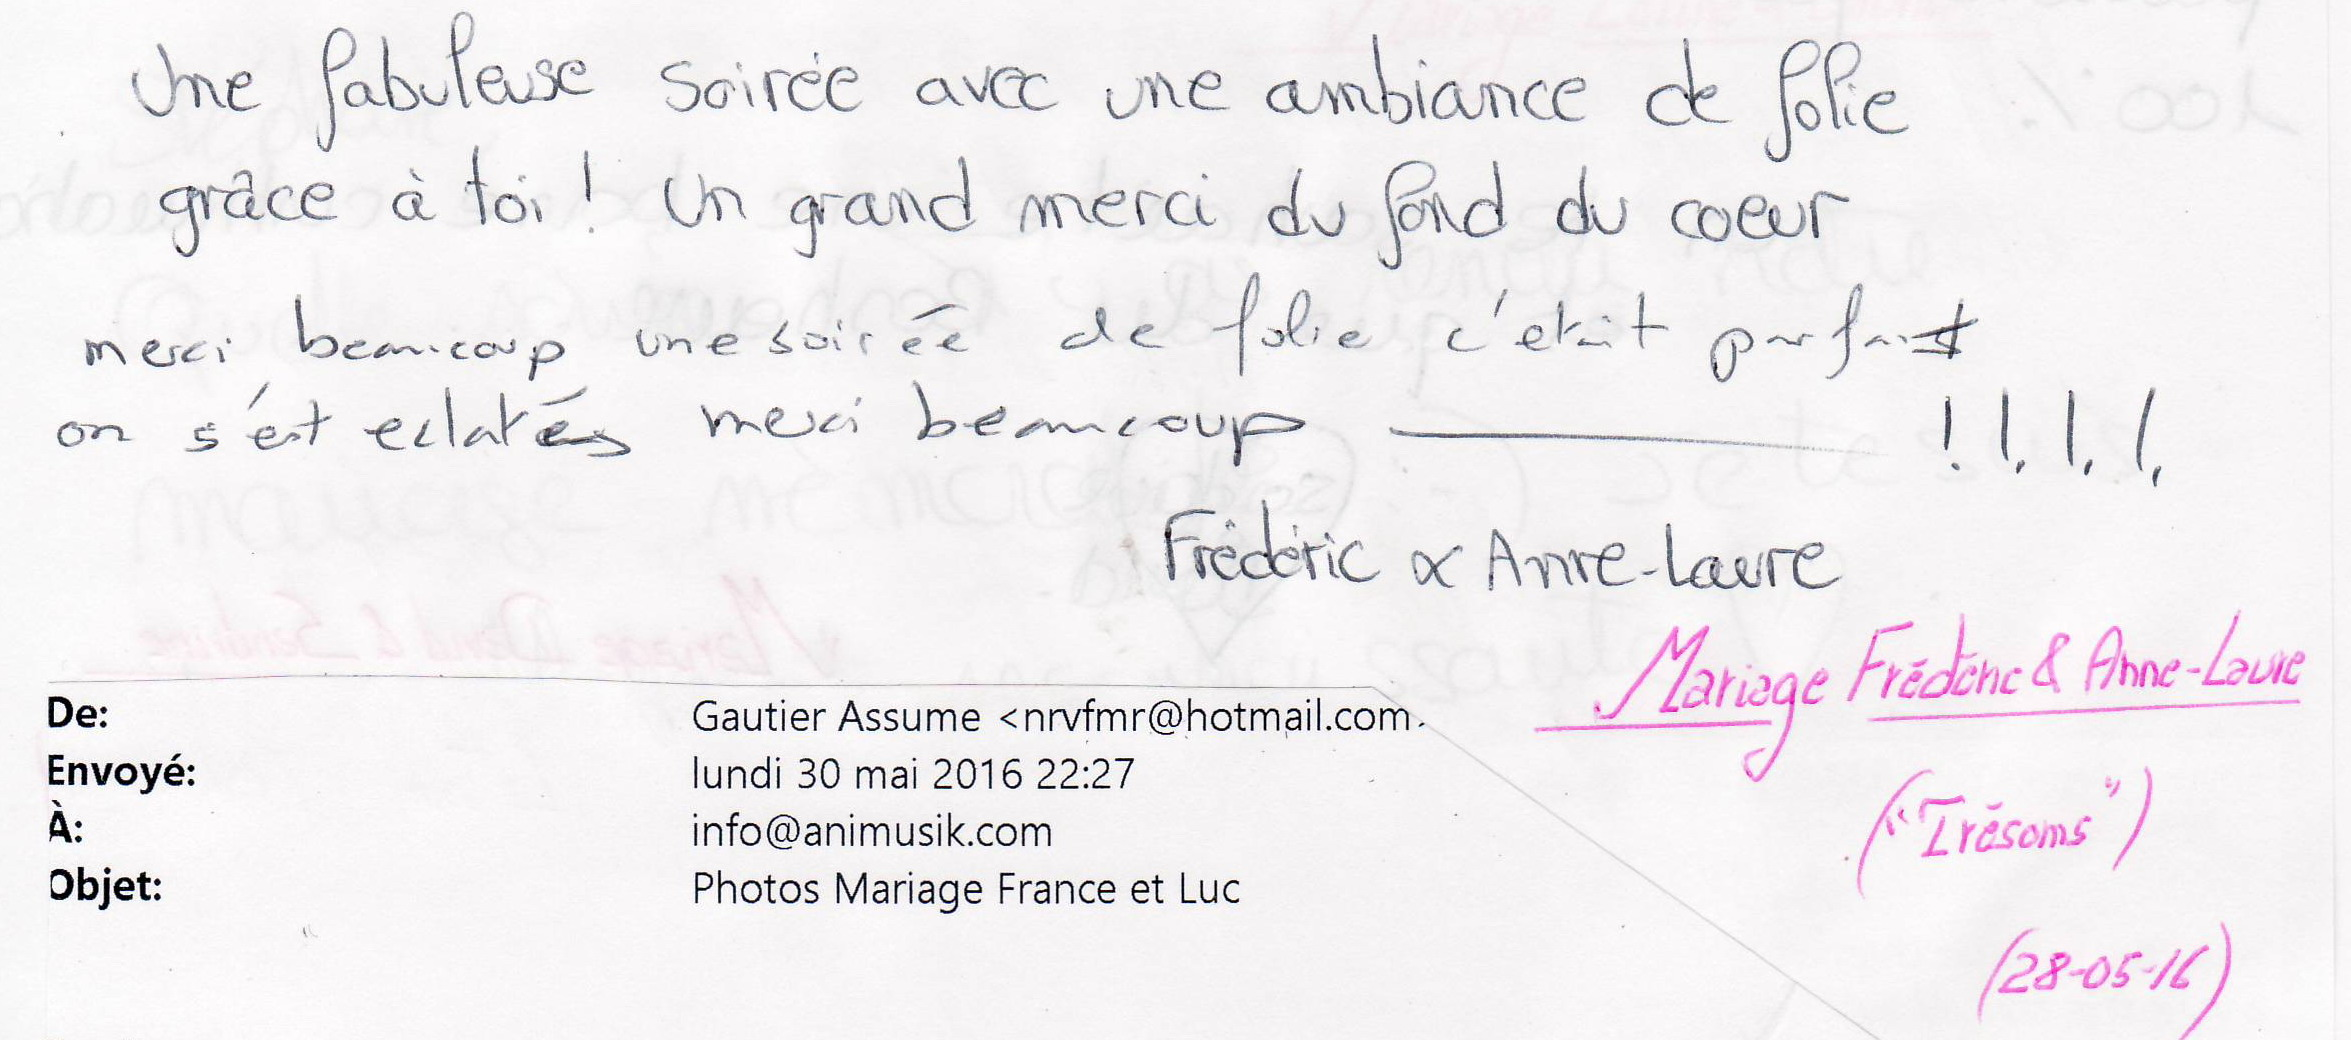 Mariage MERMIER Frédéric & Anne-laure (Trésoms) (28-05-2016)